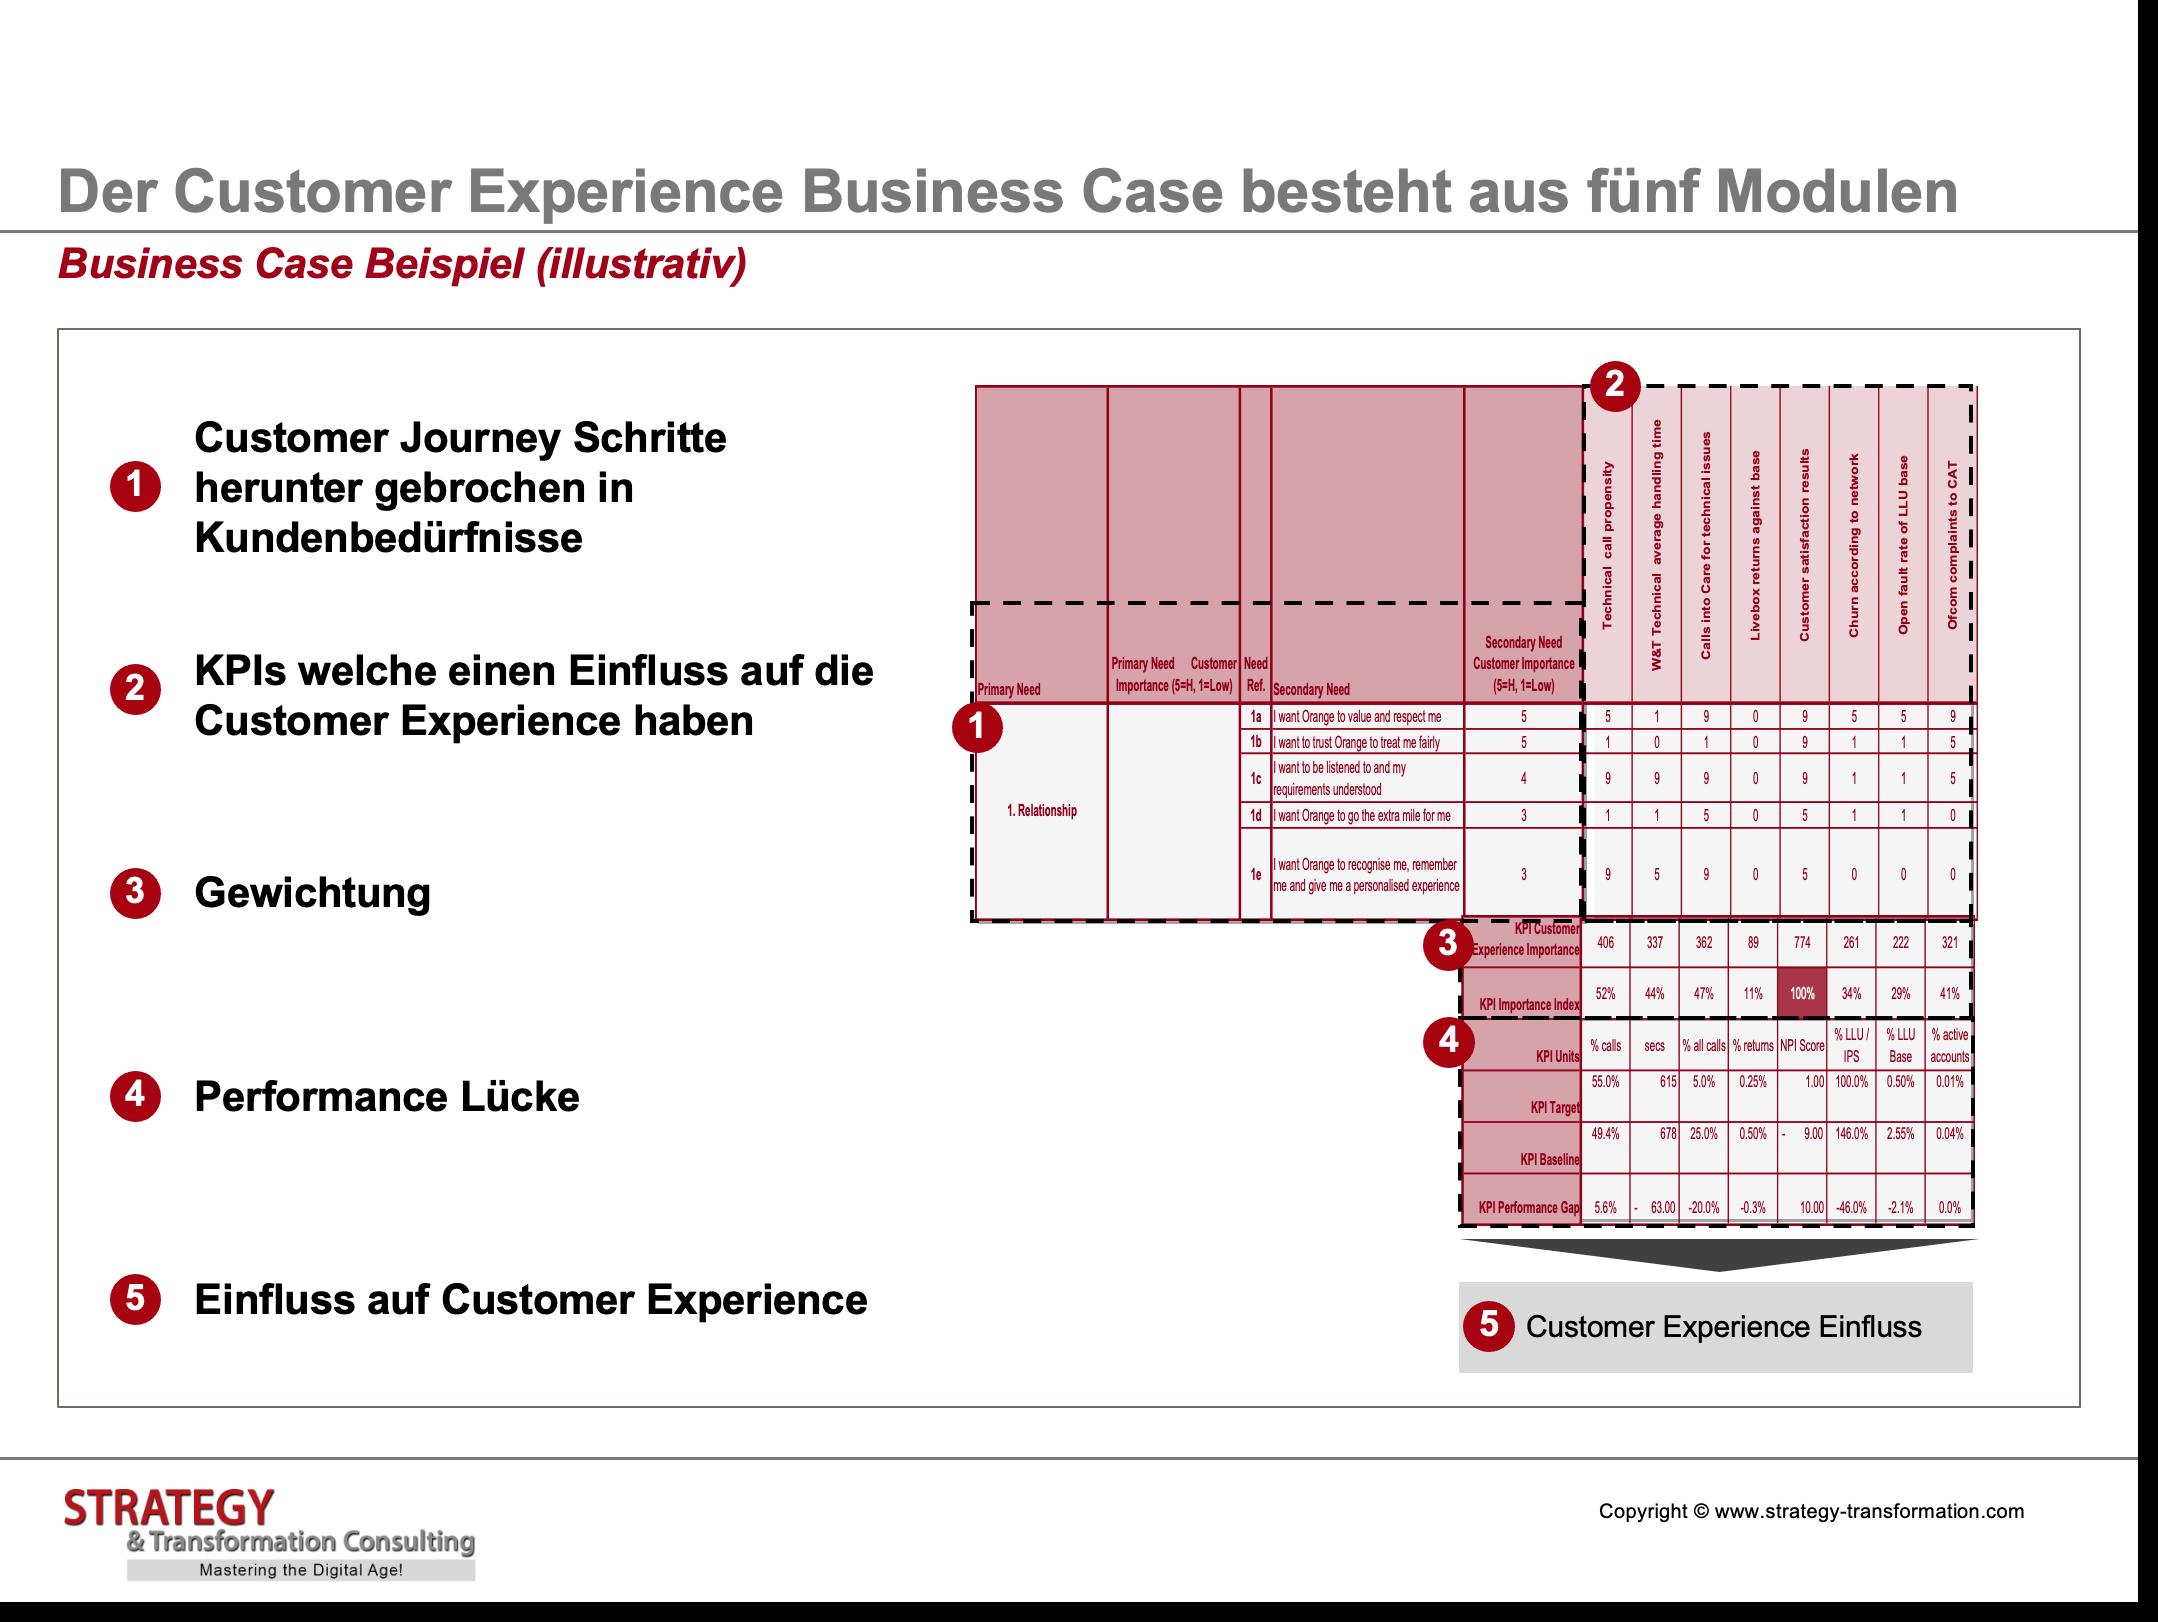 Customer Experience Management_Business Case Beispiel